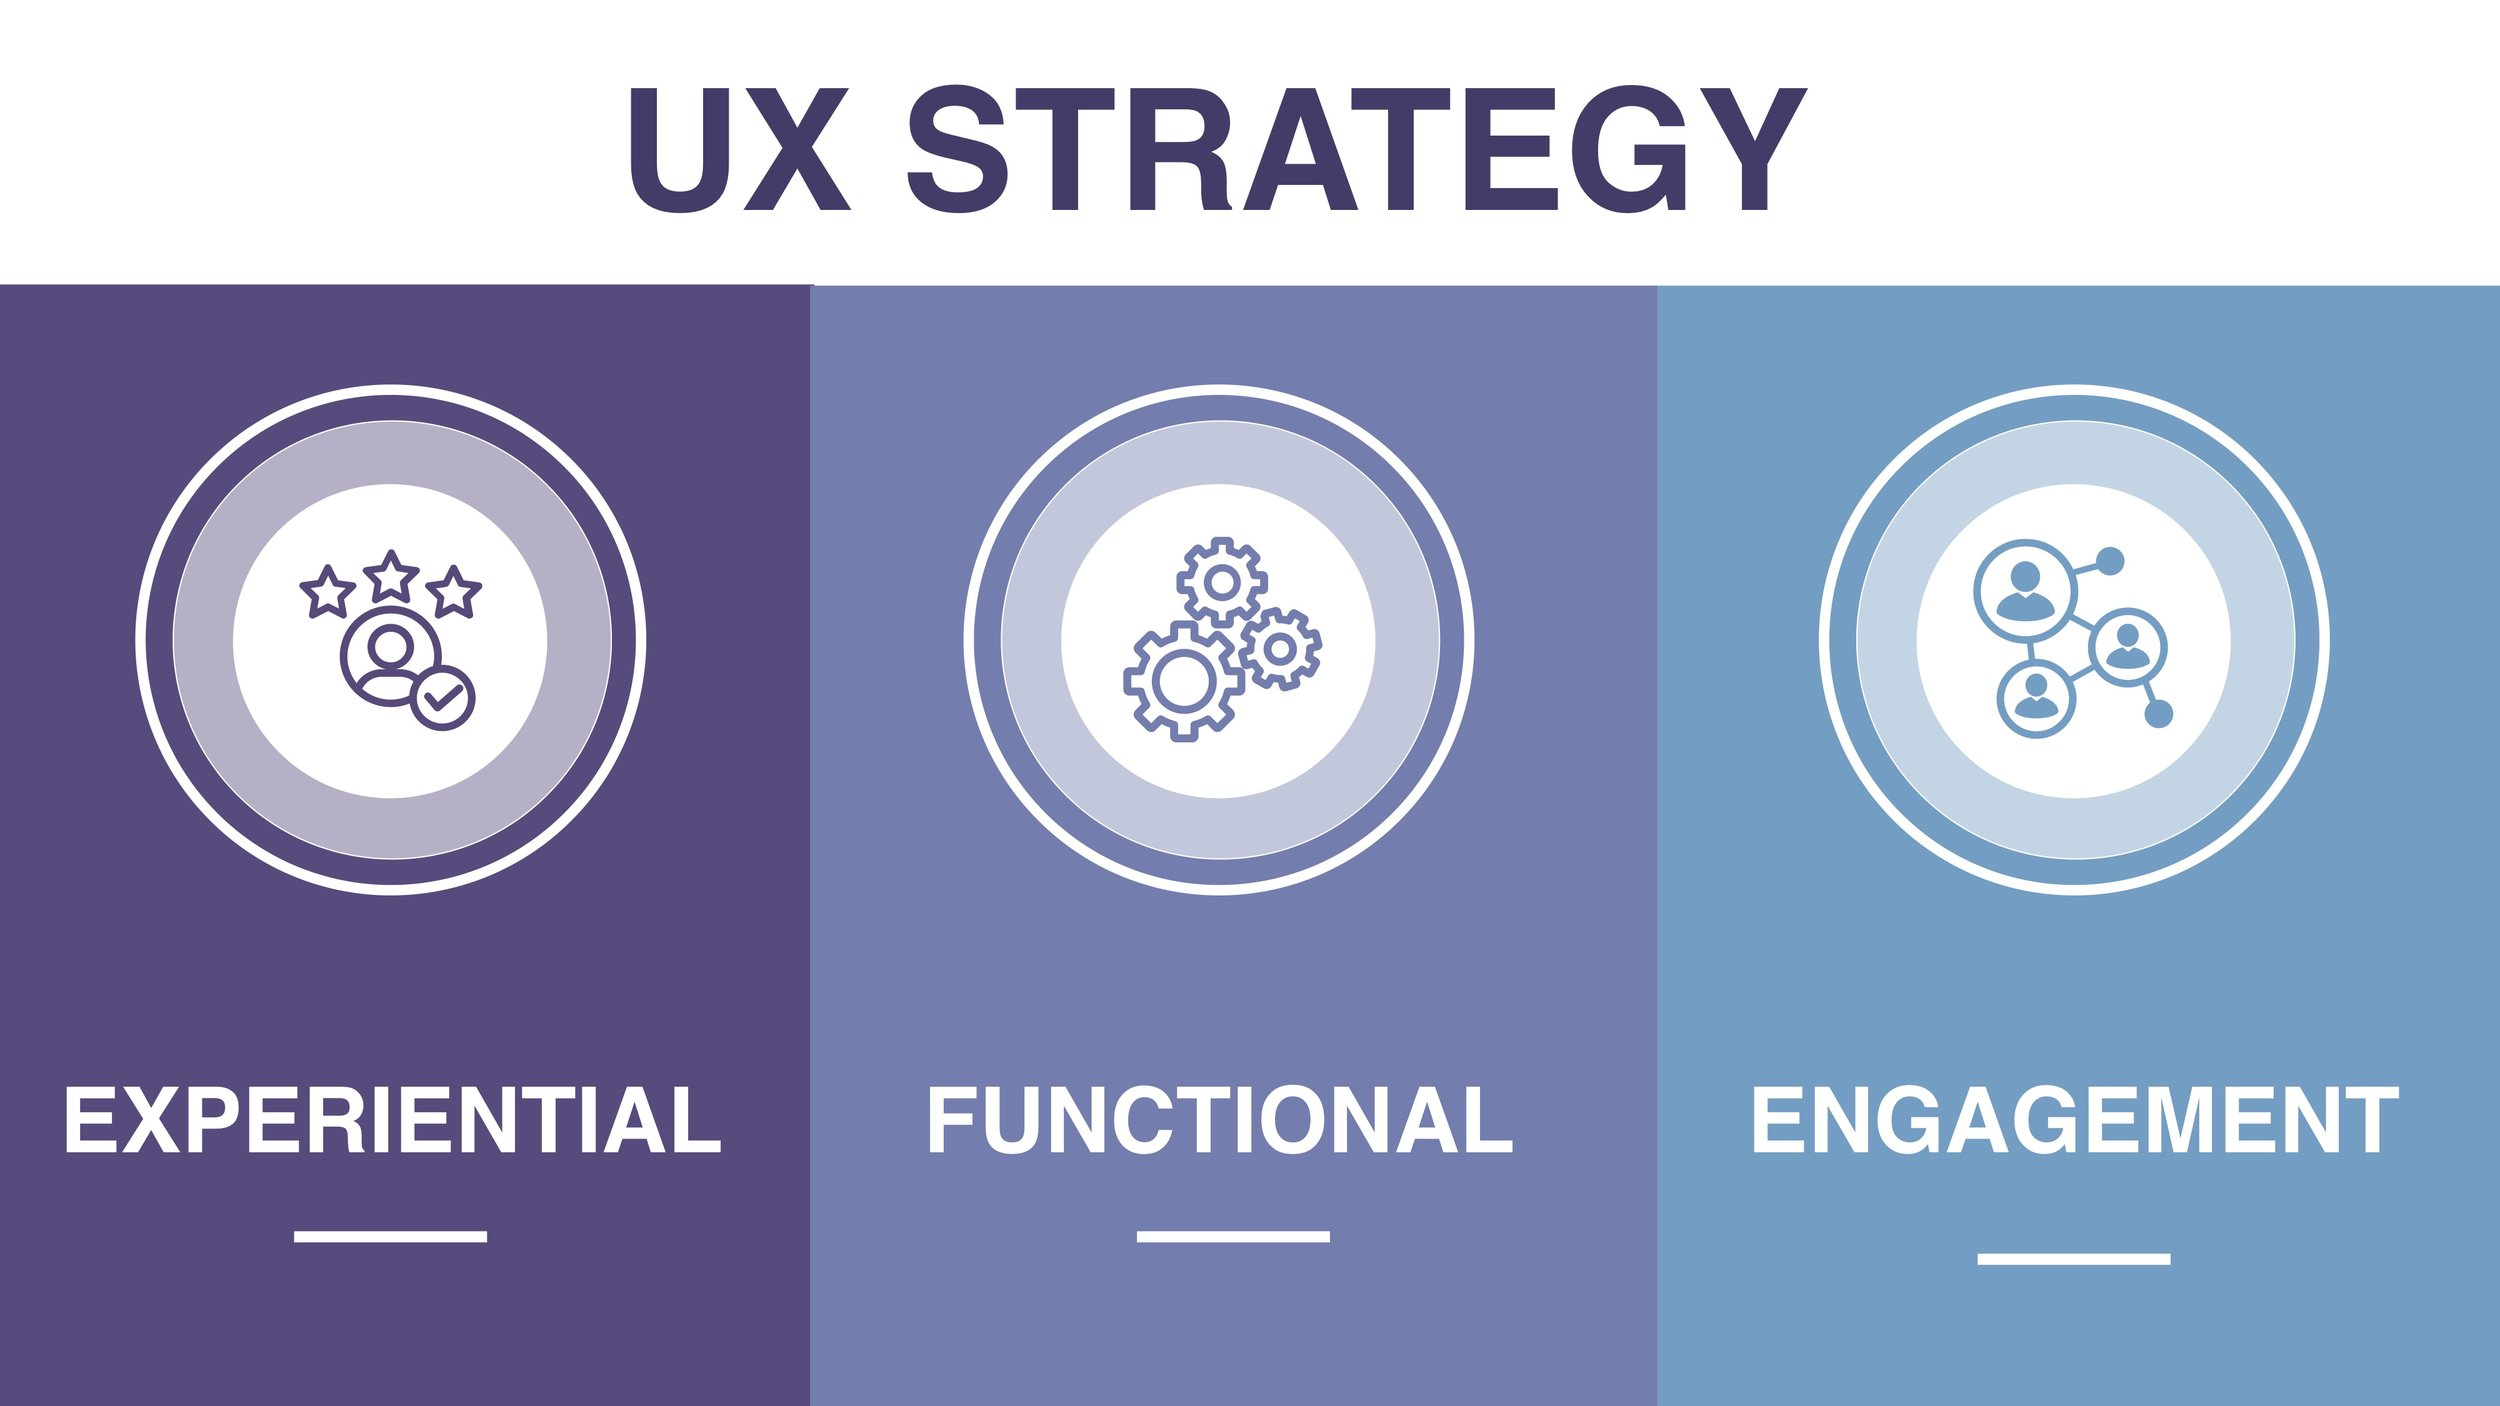 UXStrategy